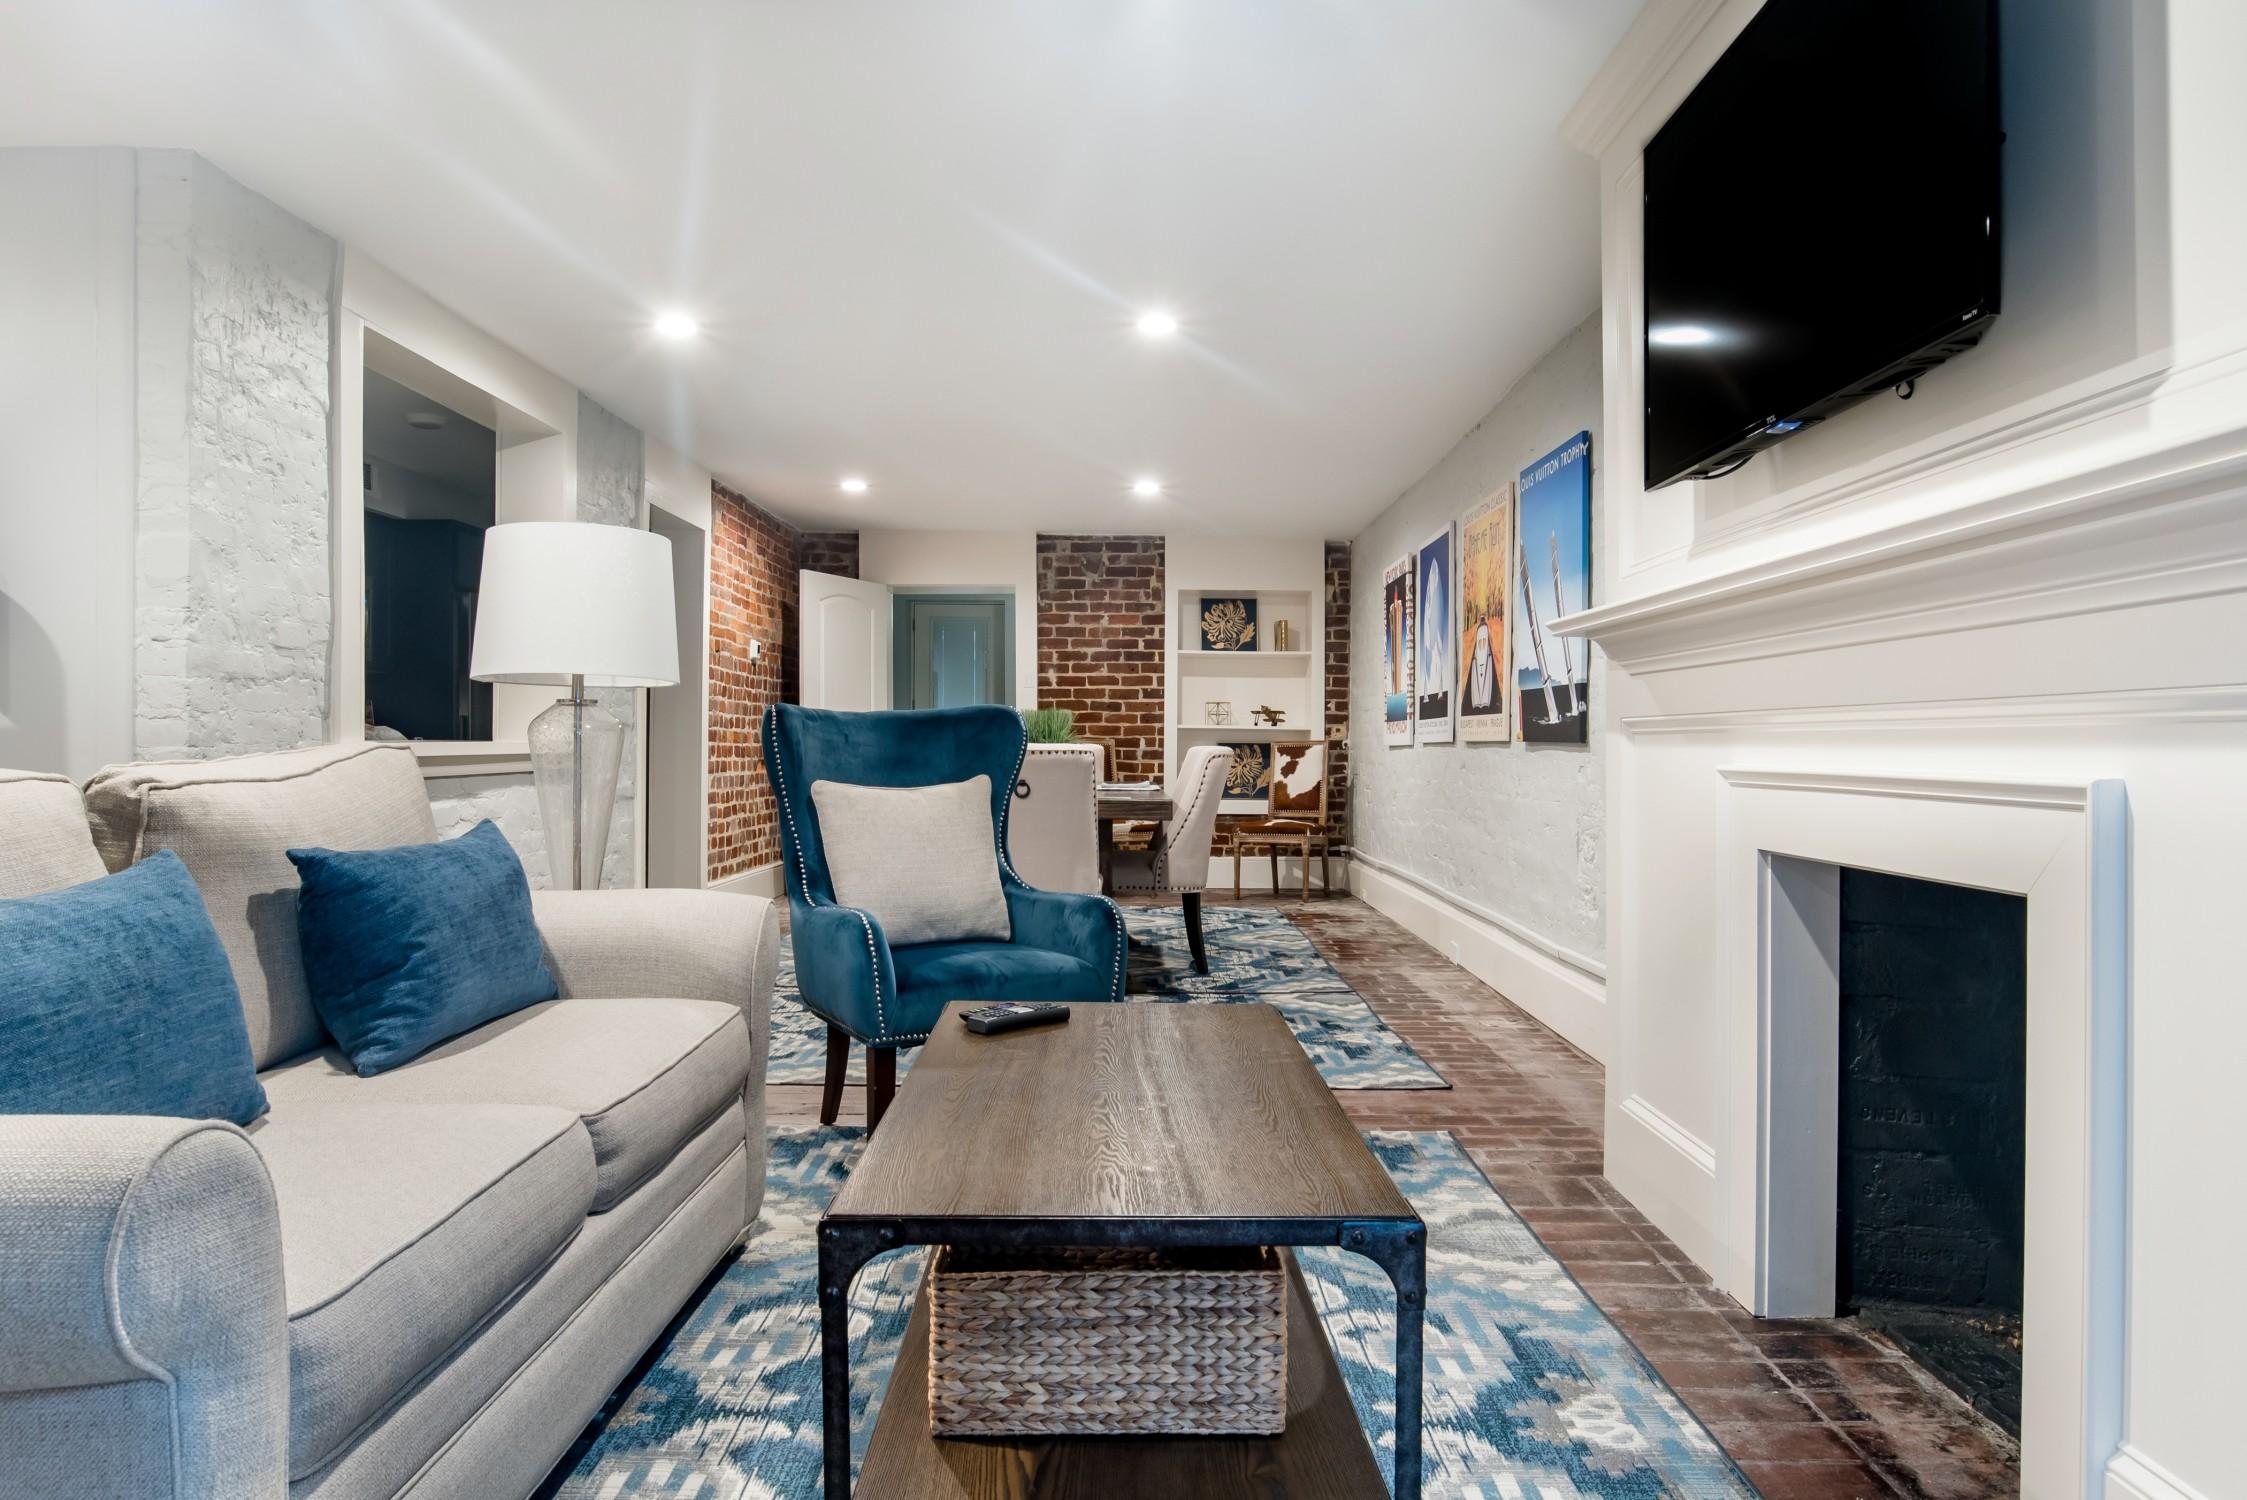 Best Airbnb Savannah